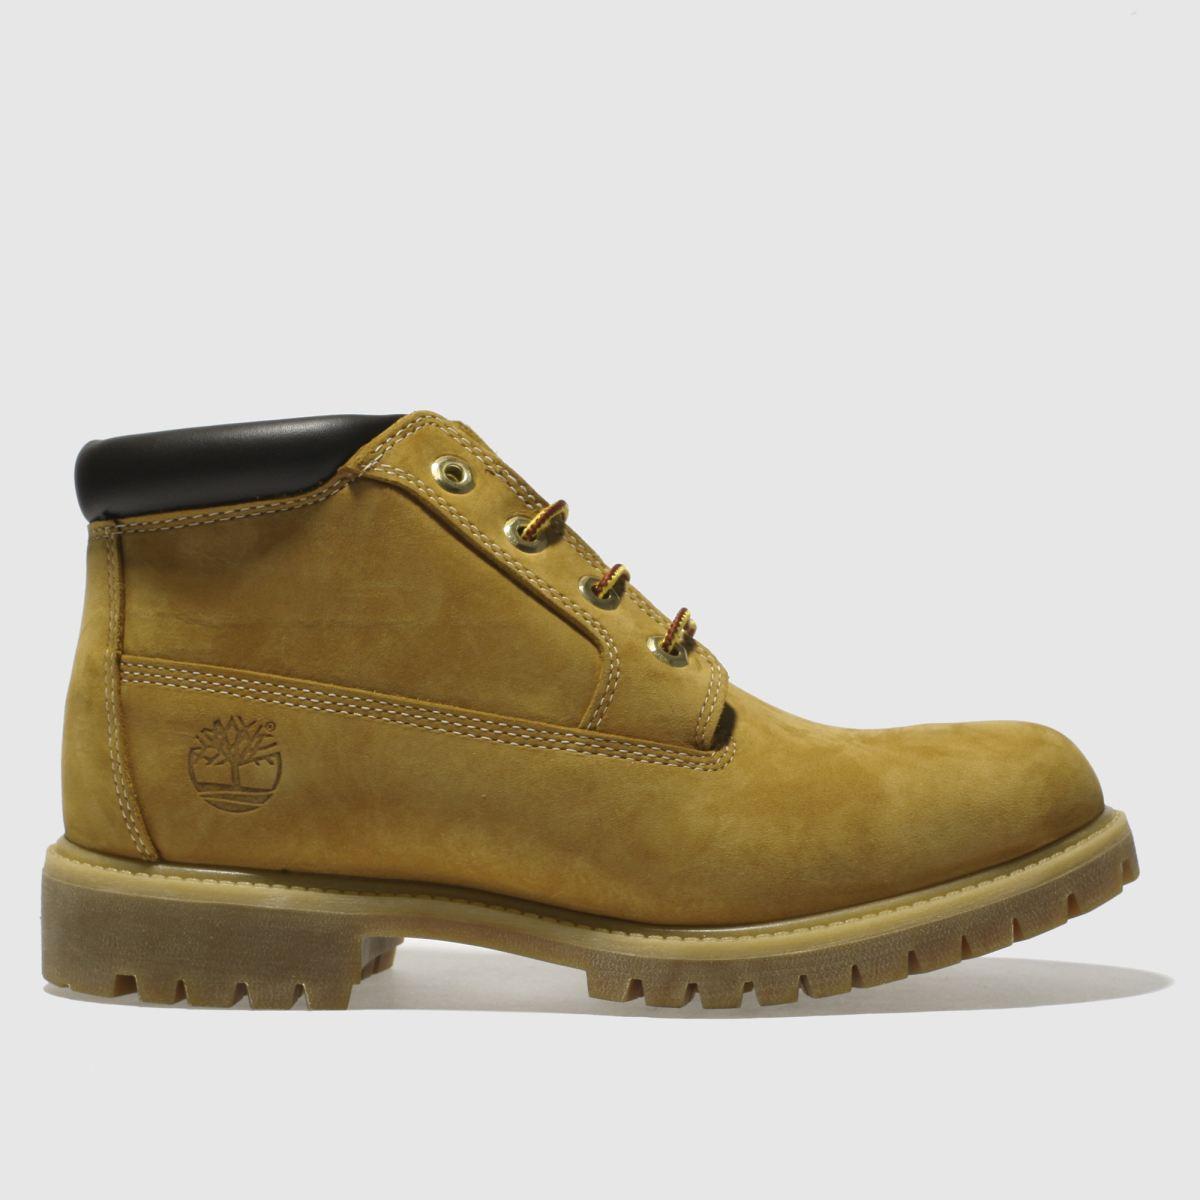 timberland natural premium waterproof chukka boots